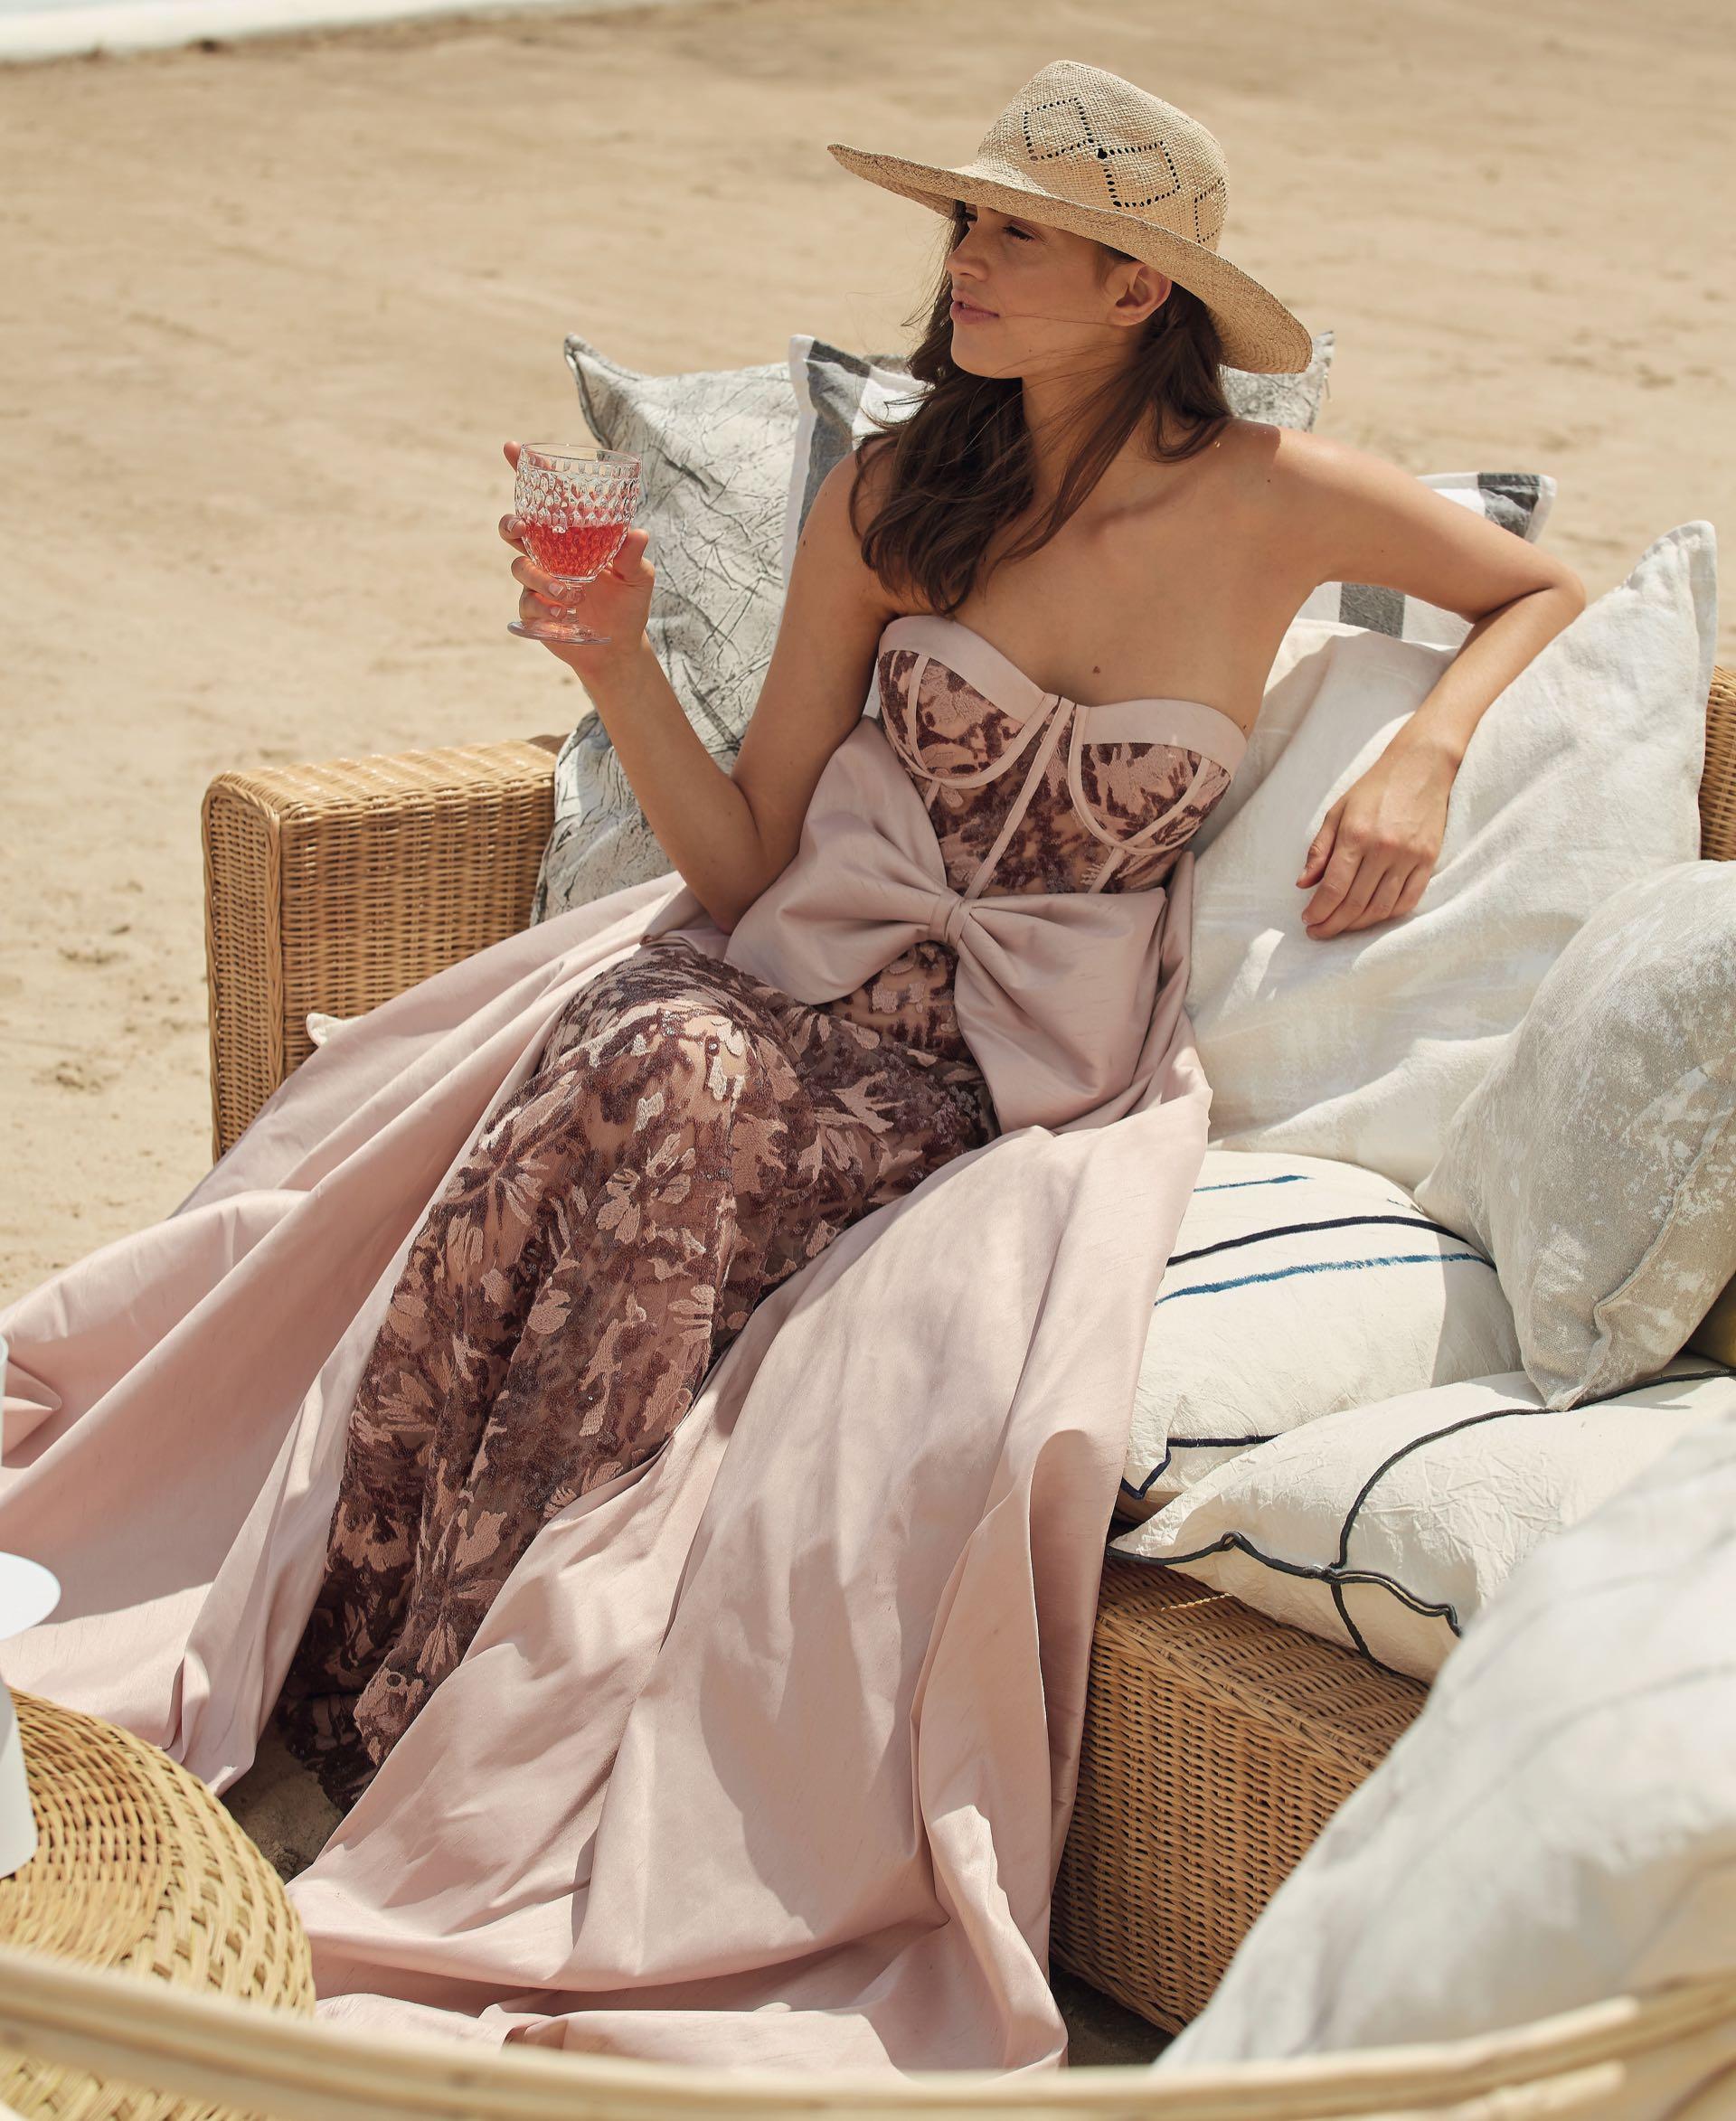 Vestido de lentejuelas con sobrefalda de shantung (Javier Saiach) y sombrero de paja ($ 1.950, Made in Chola).